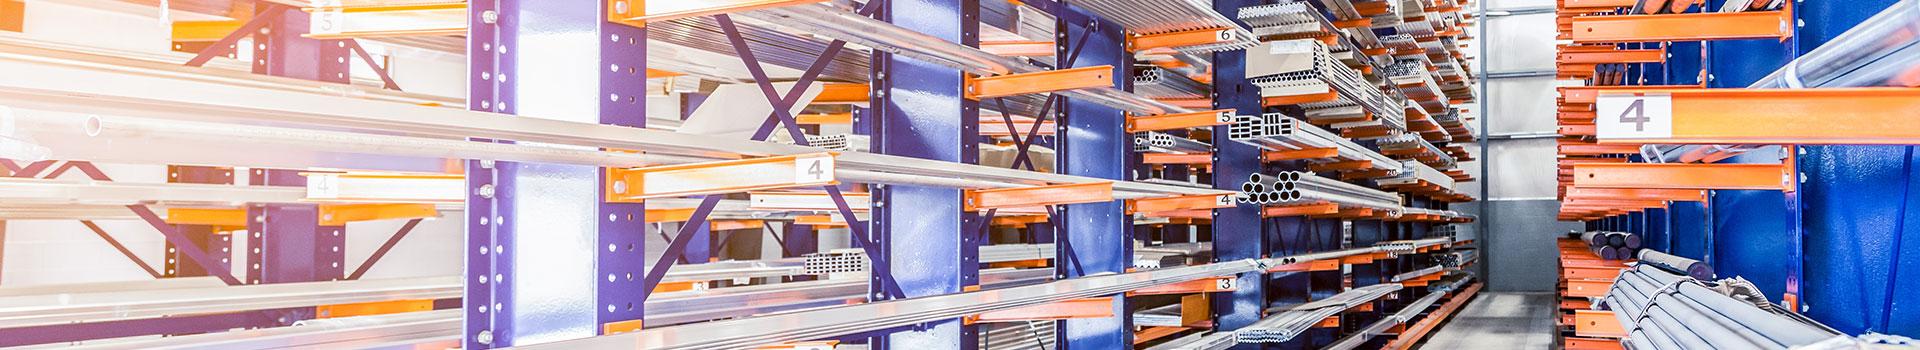 6061 & 6063 Aluminum Extrusions